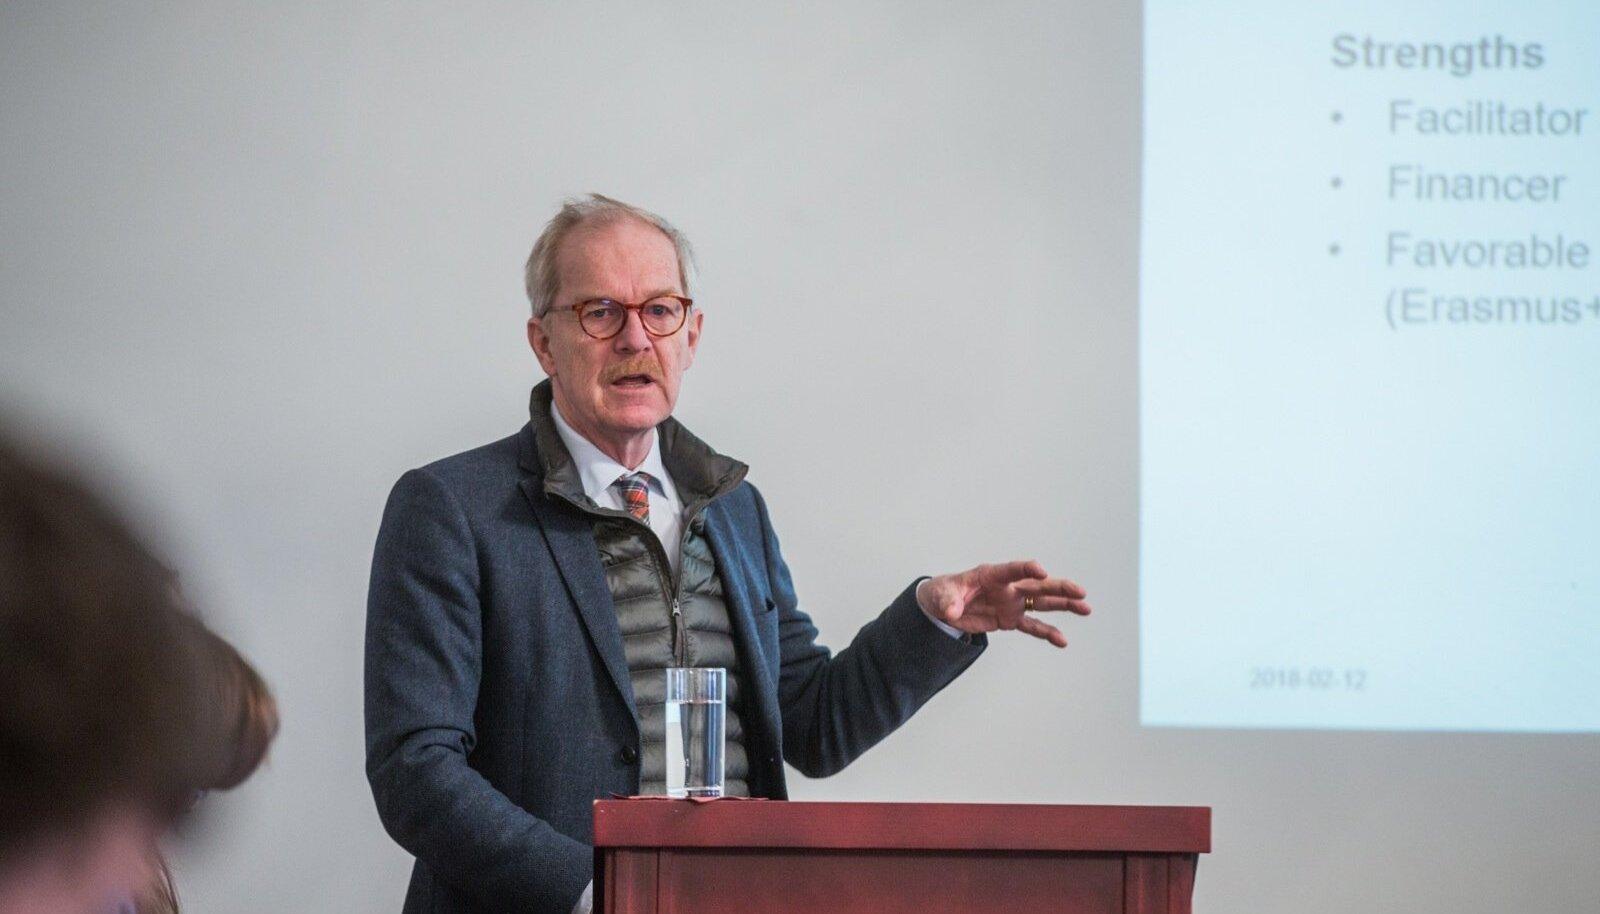 Professor Erik Amnå tõdes, et poliitilised kriisid pigem suurendavad noorte huvi poliitika ja ühiskonna vastu.